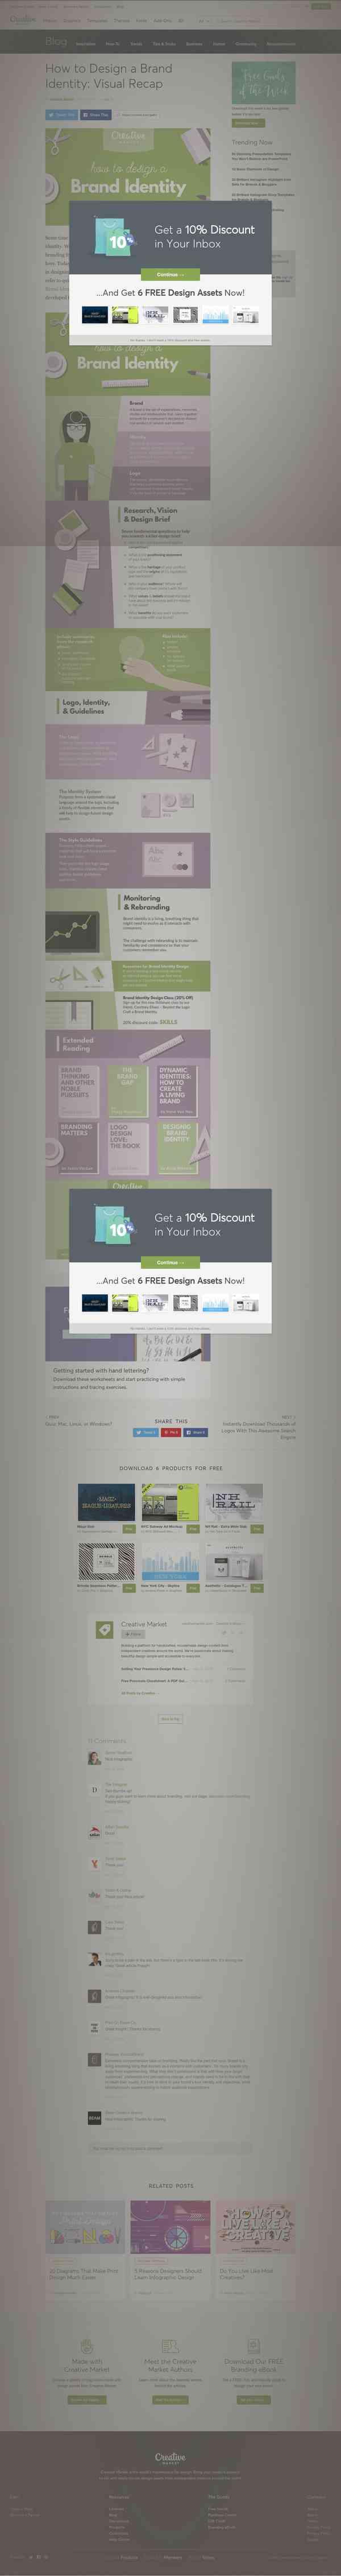 creativemarket.com/blog/how-to-design-a-brand-identity-visual-recap